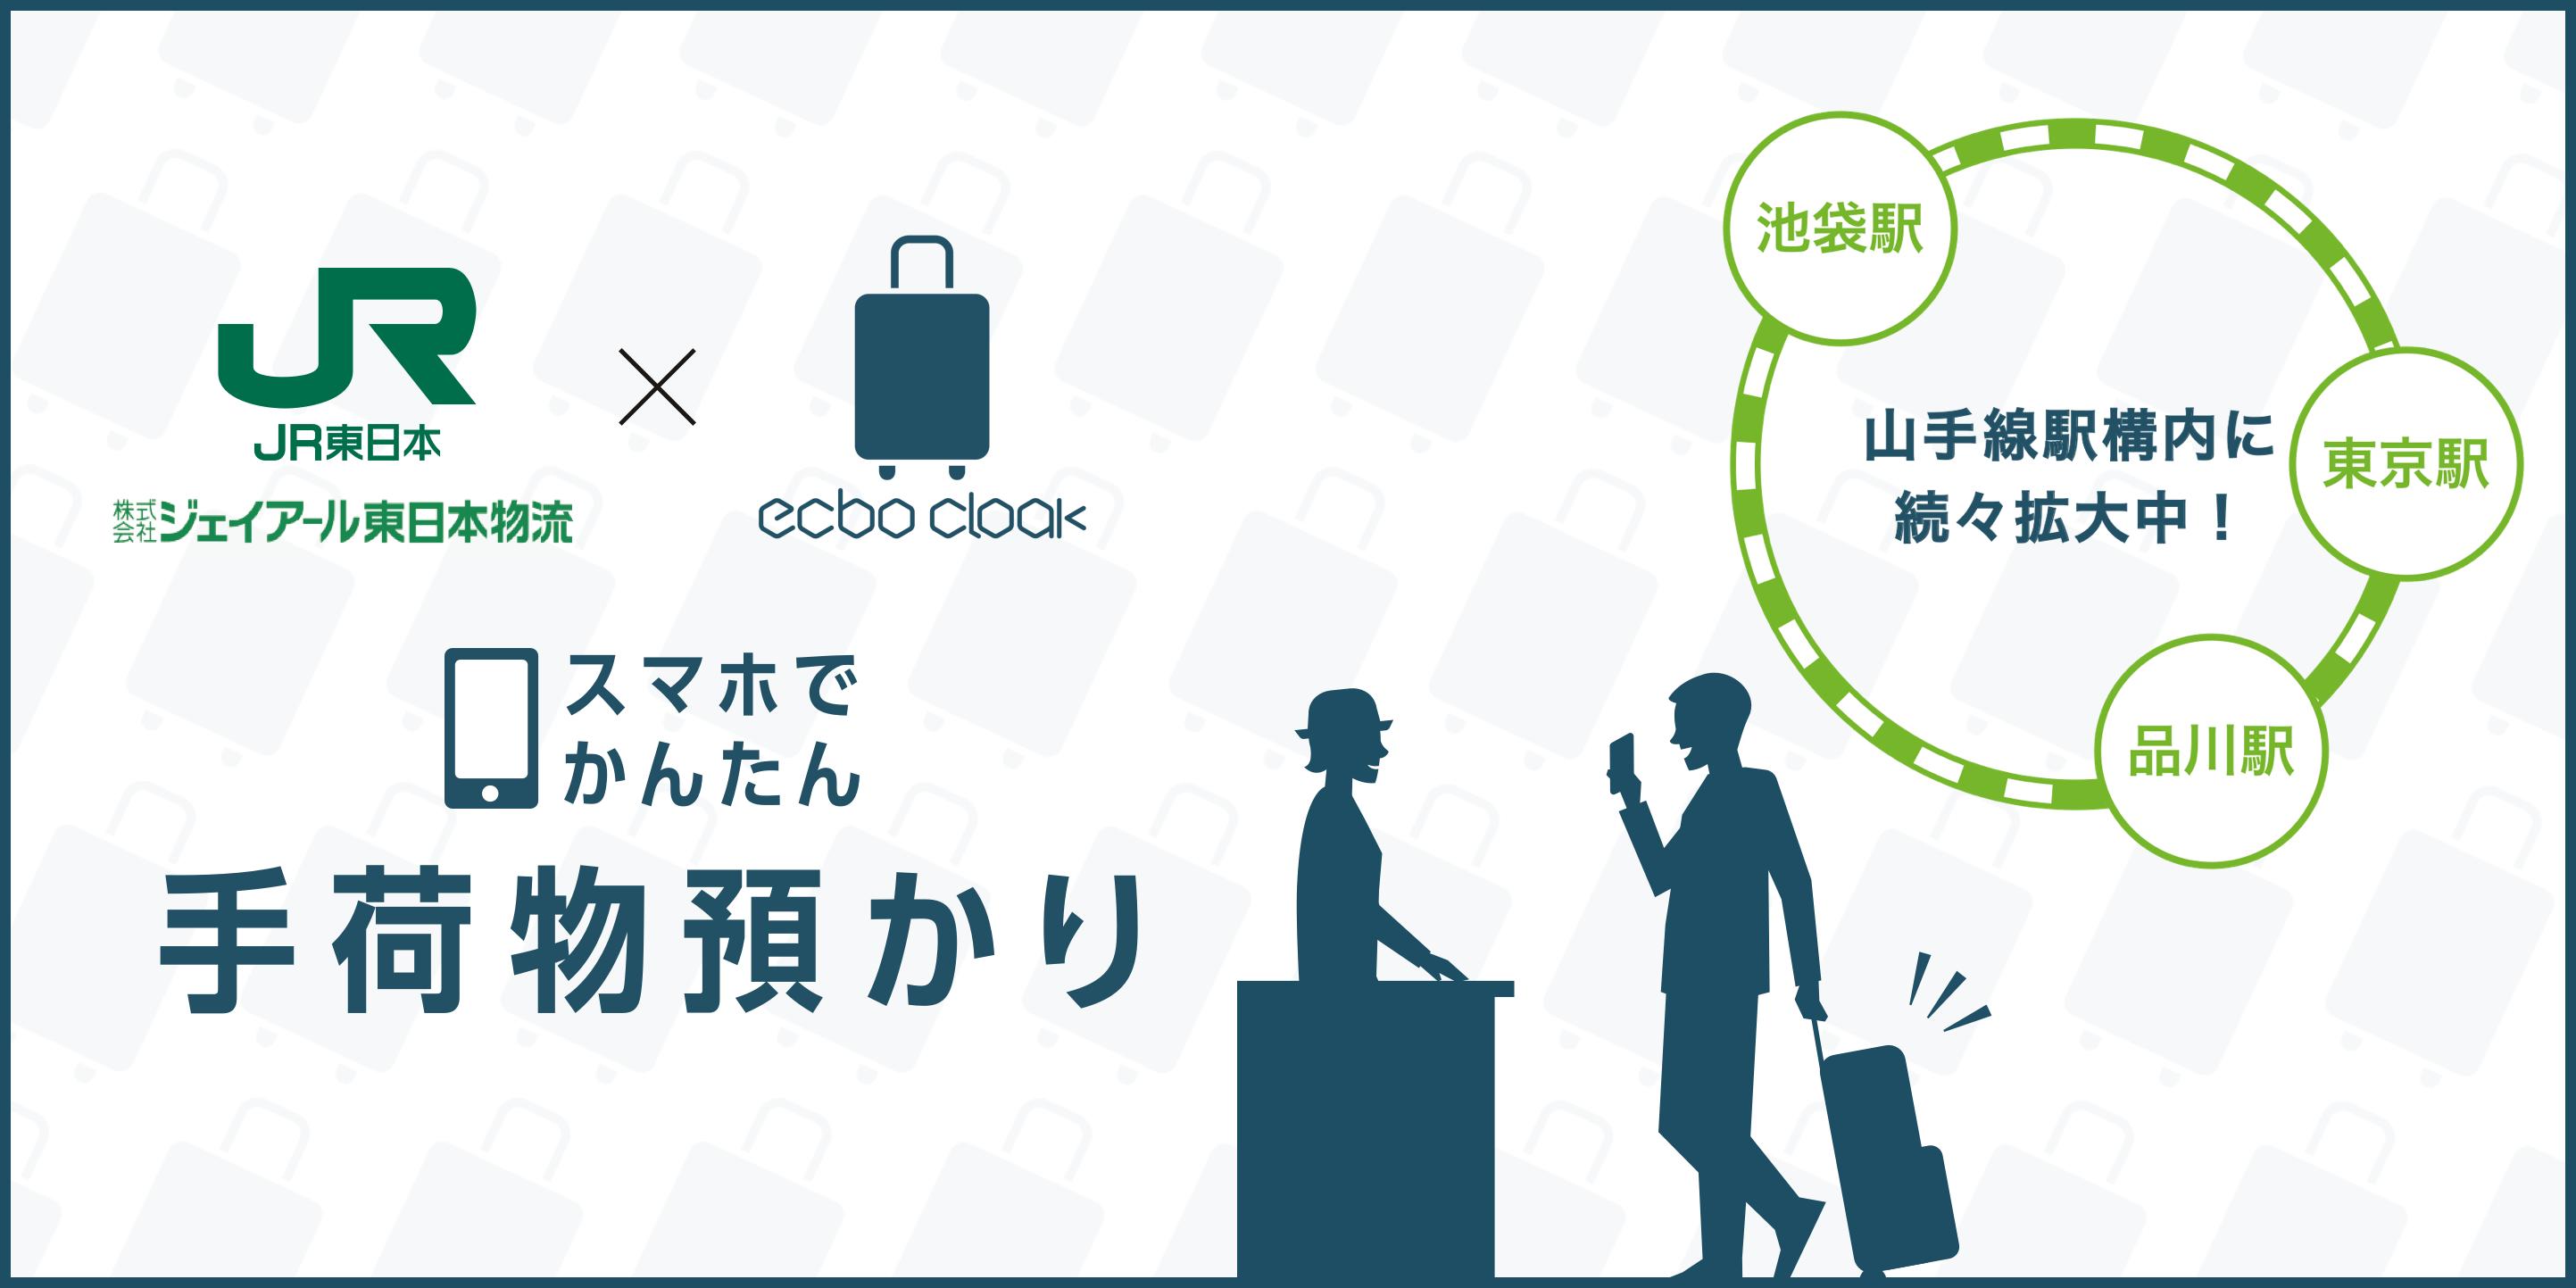 【東京】JR駅構内で荷物を預けられる「エクボクローク」カウンター!コインロッカー代わりに活用しよう